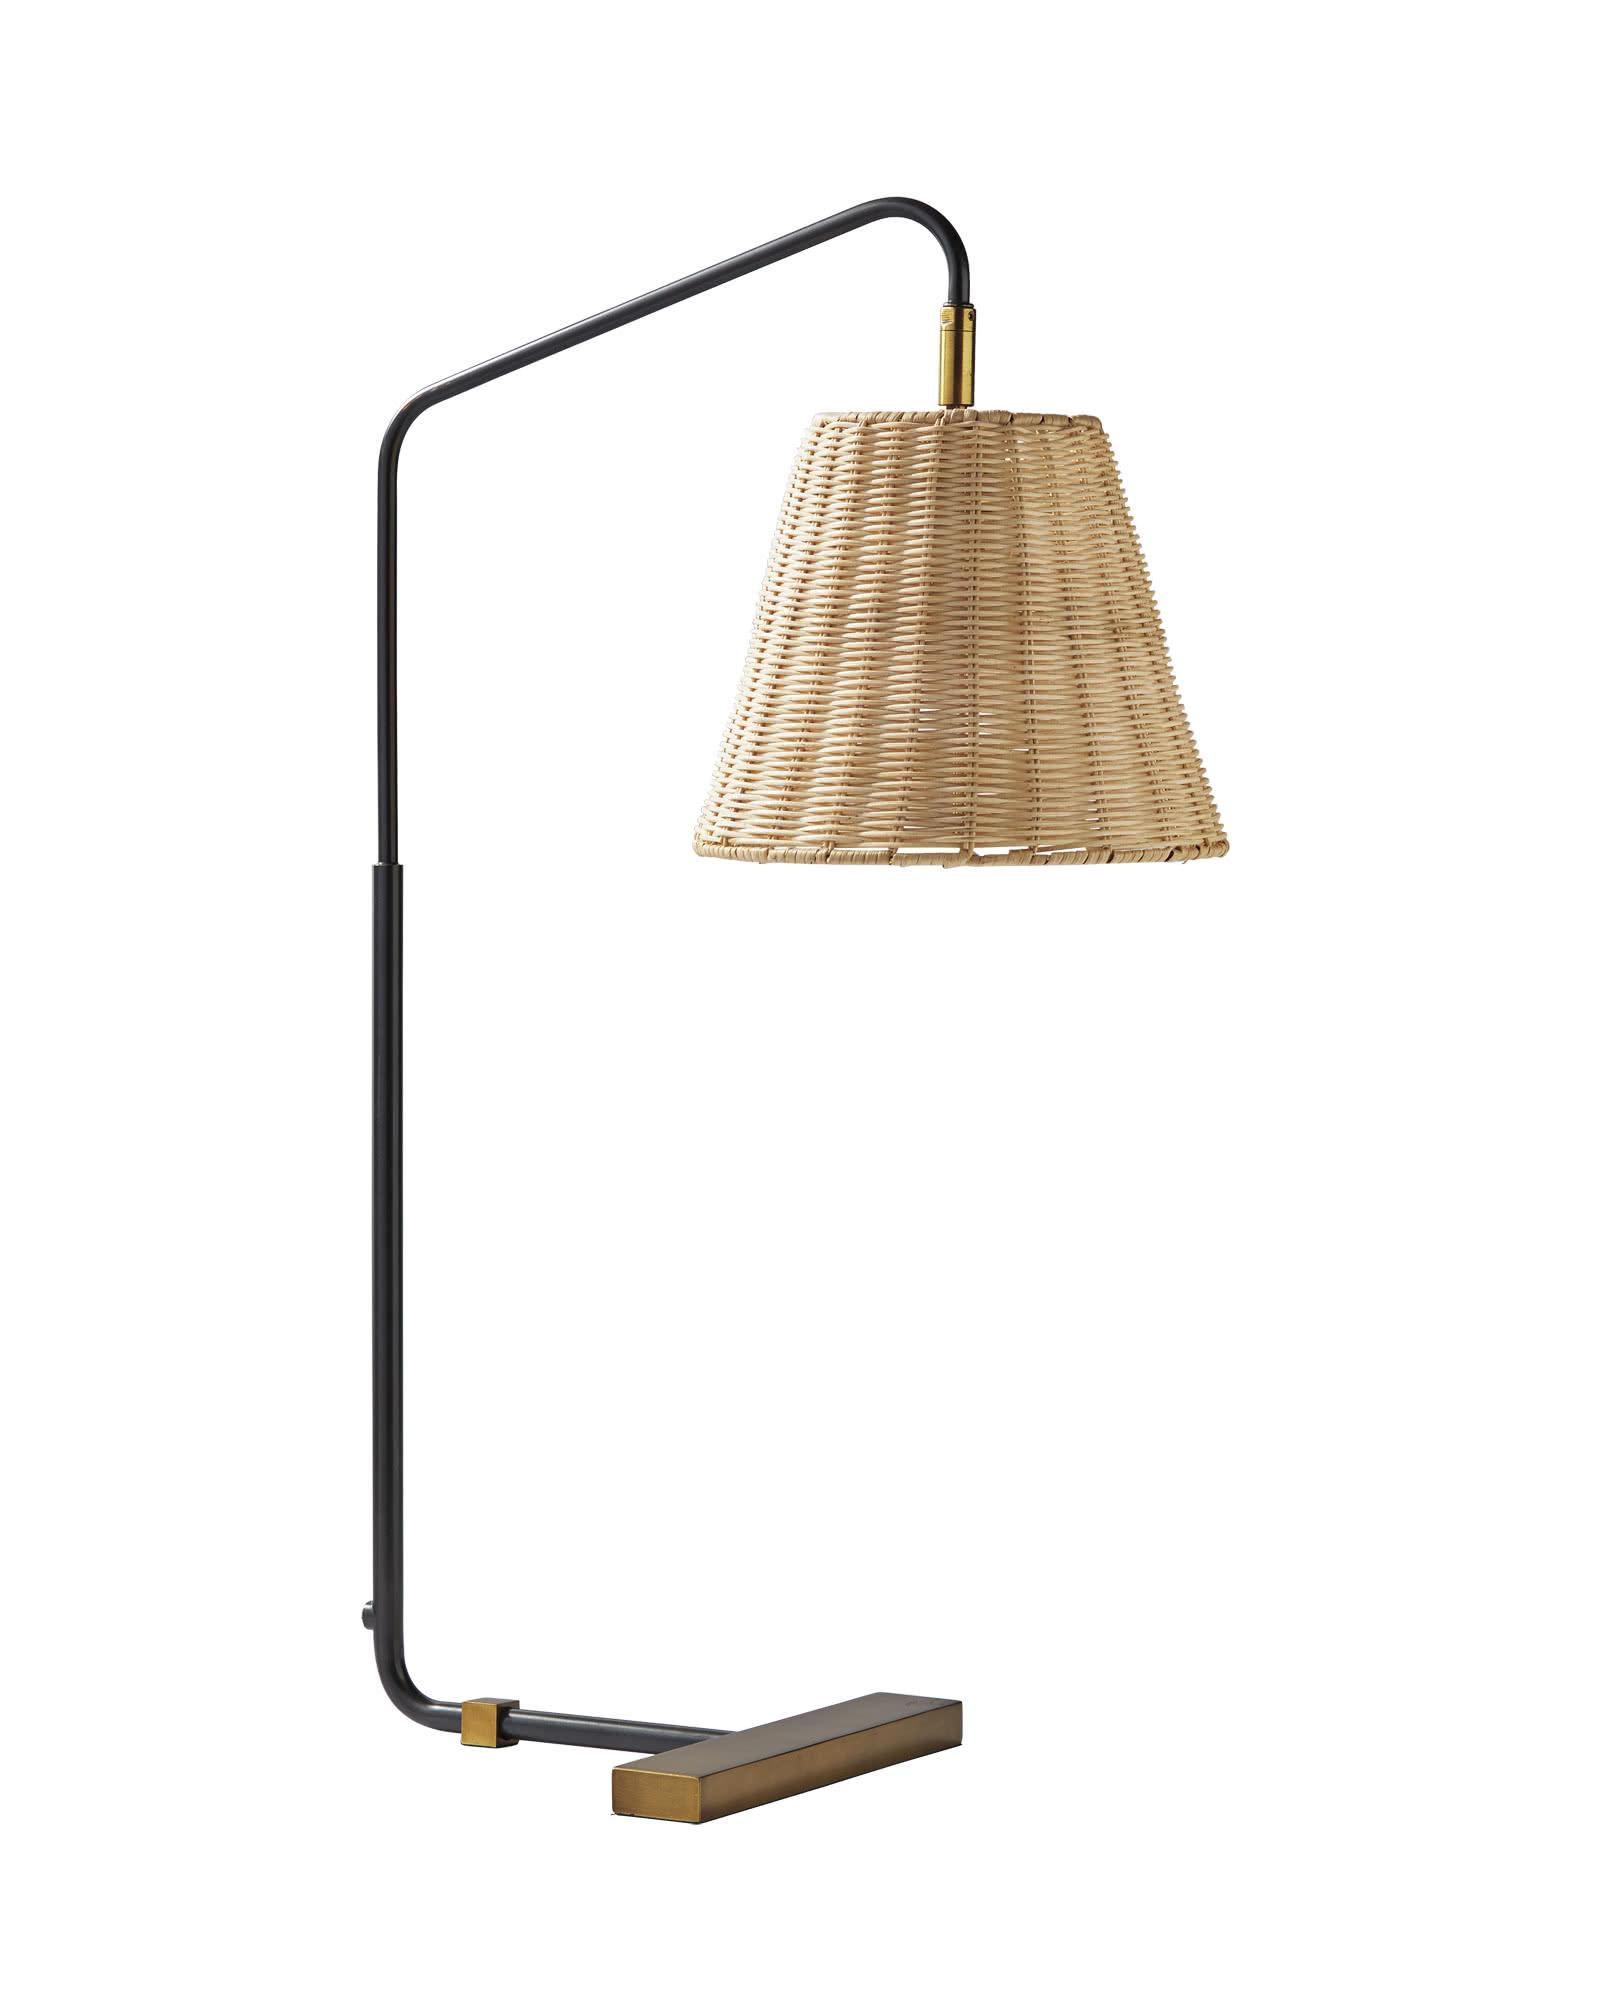 Lighting_Flynn_Table_Lamp_Wicker_Shade_MV_Crop_OL